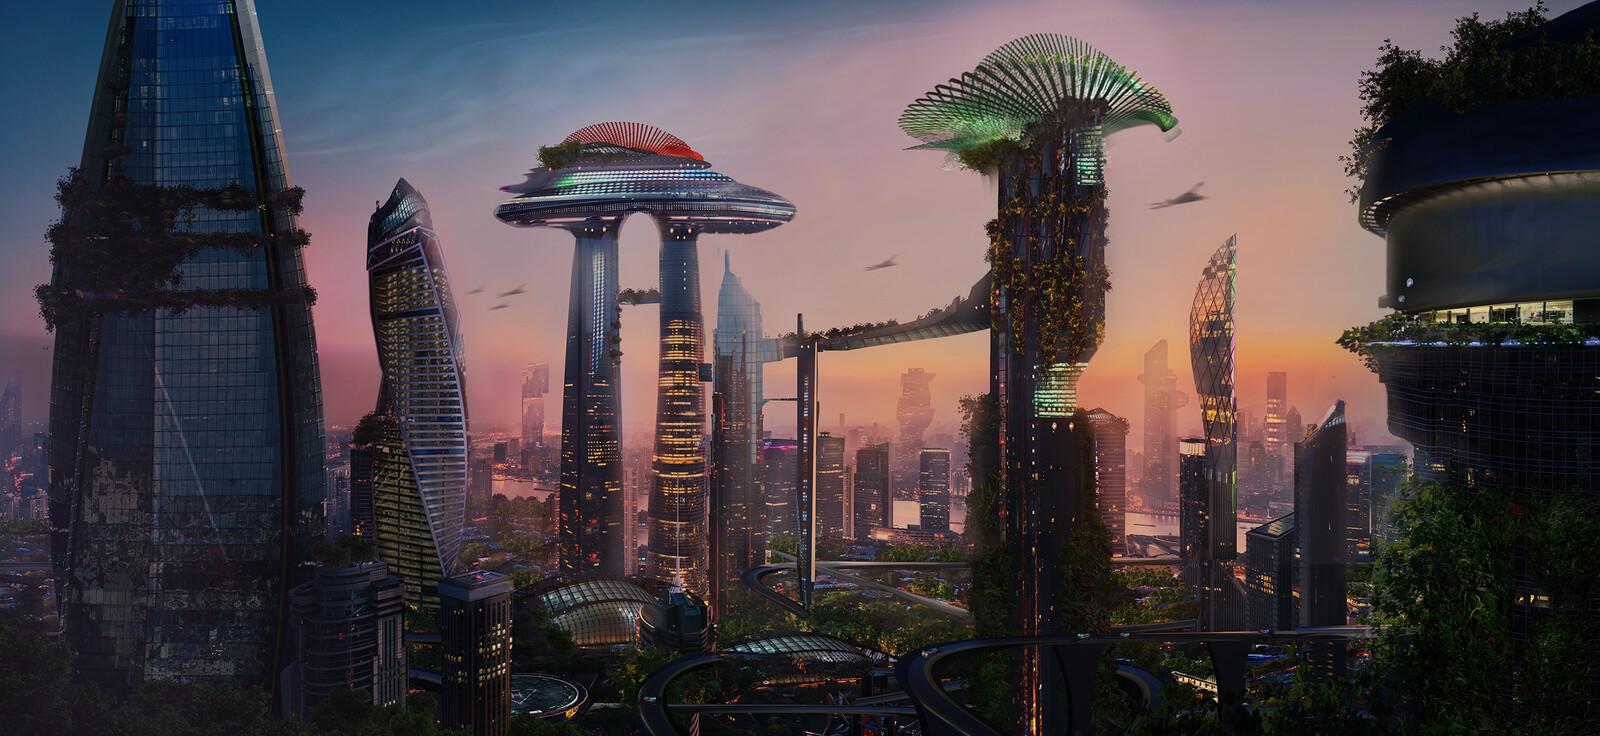 Concept  Art   Sci - Fi  CITY